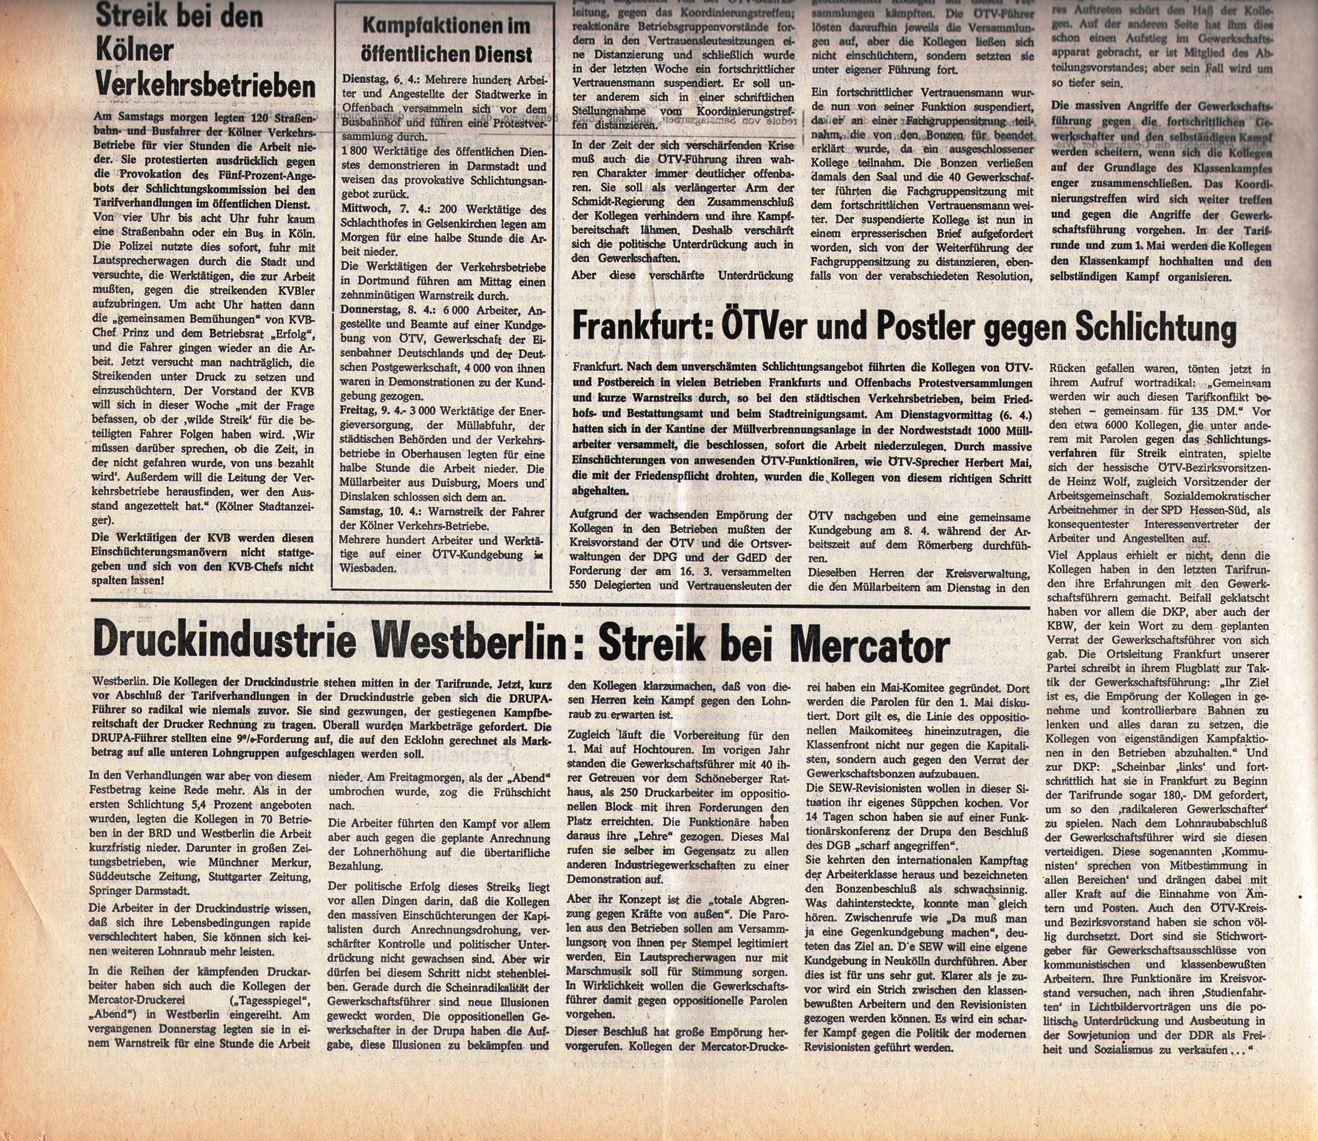 KPD_Rote_Fahne_1976_15_08